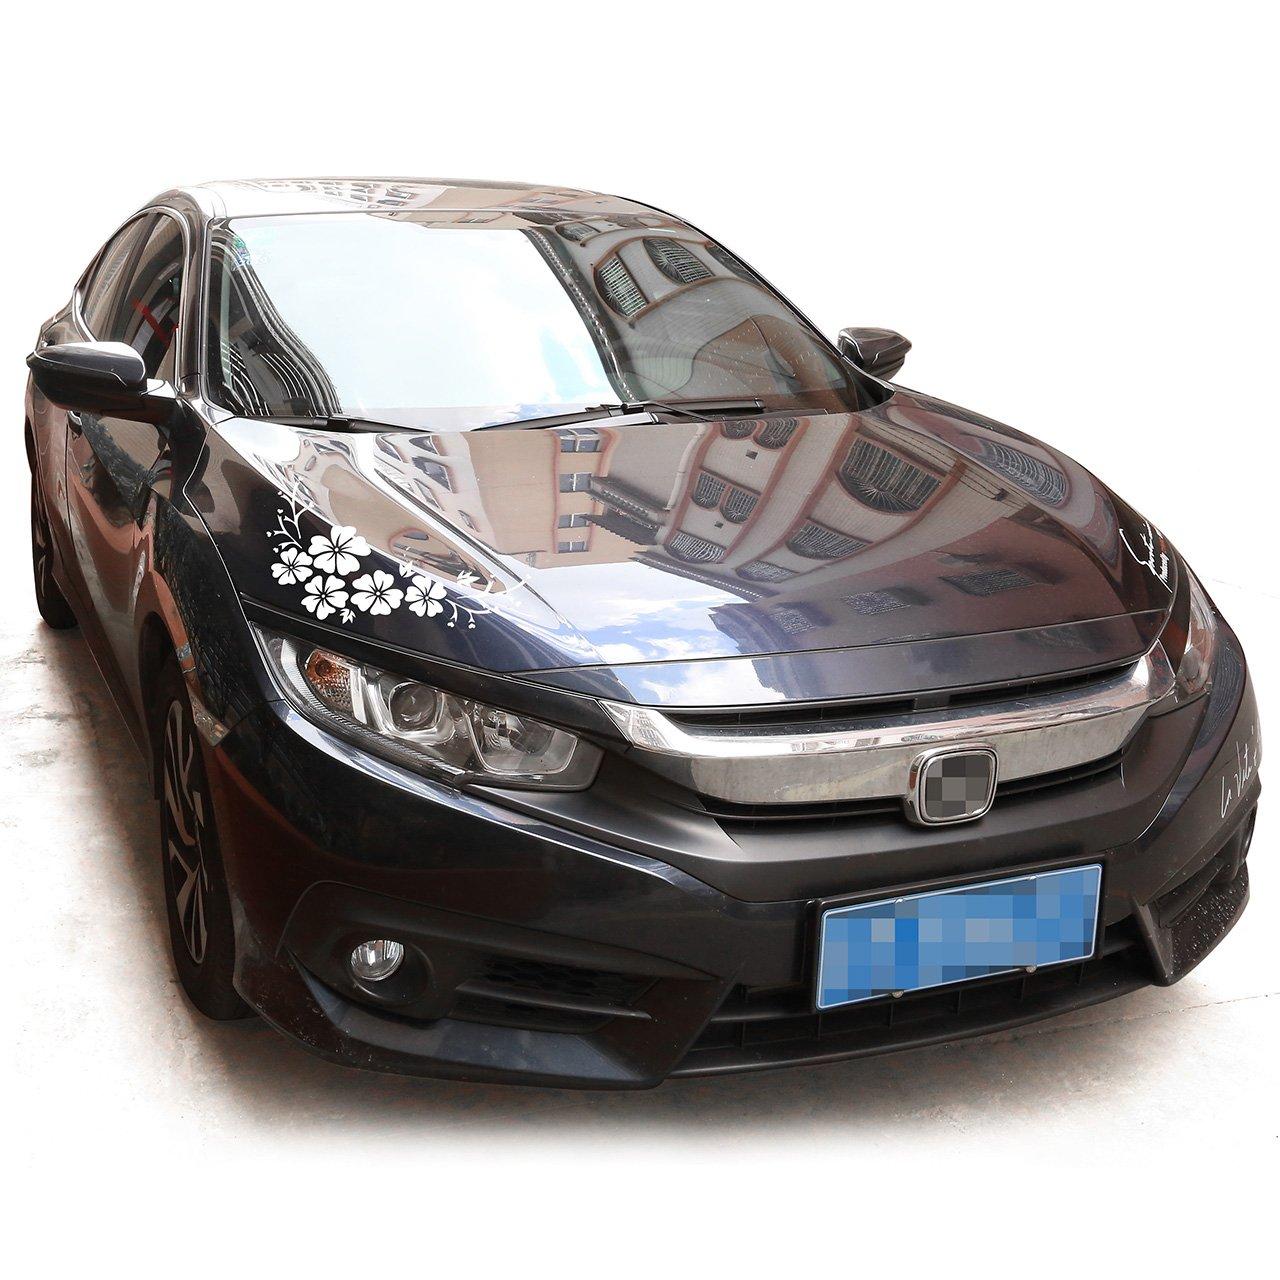 ACBungji Stickers autocollants fleur dhibiscus voiture pare-chocs frigo mur porte Blanc #2